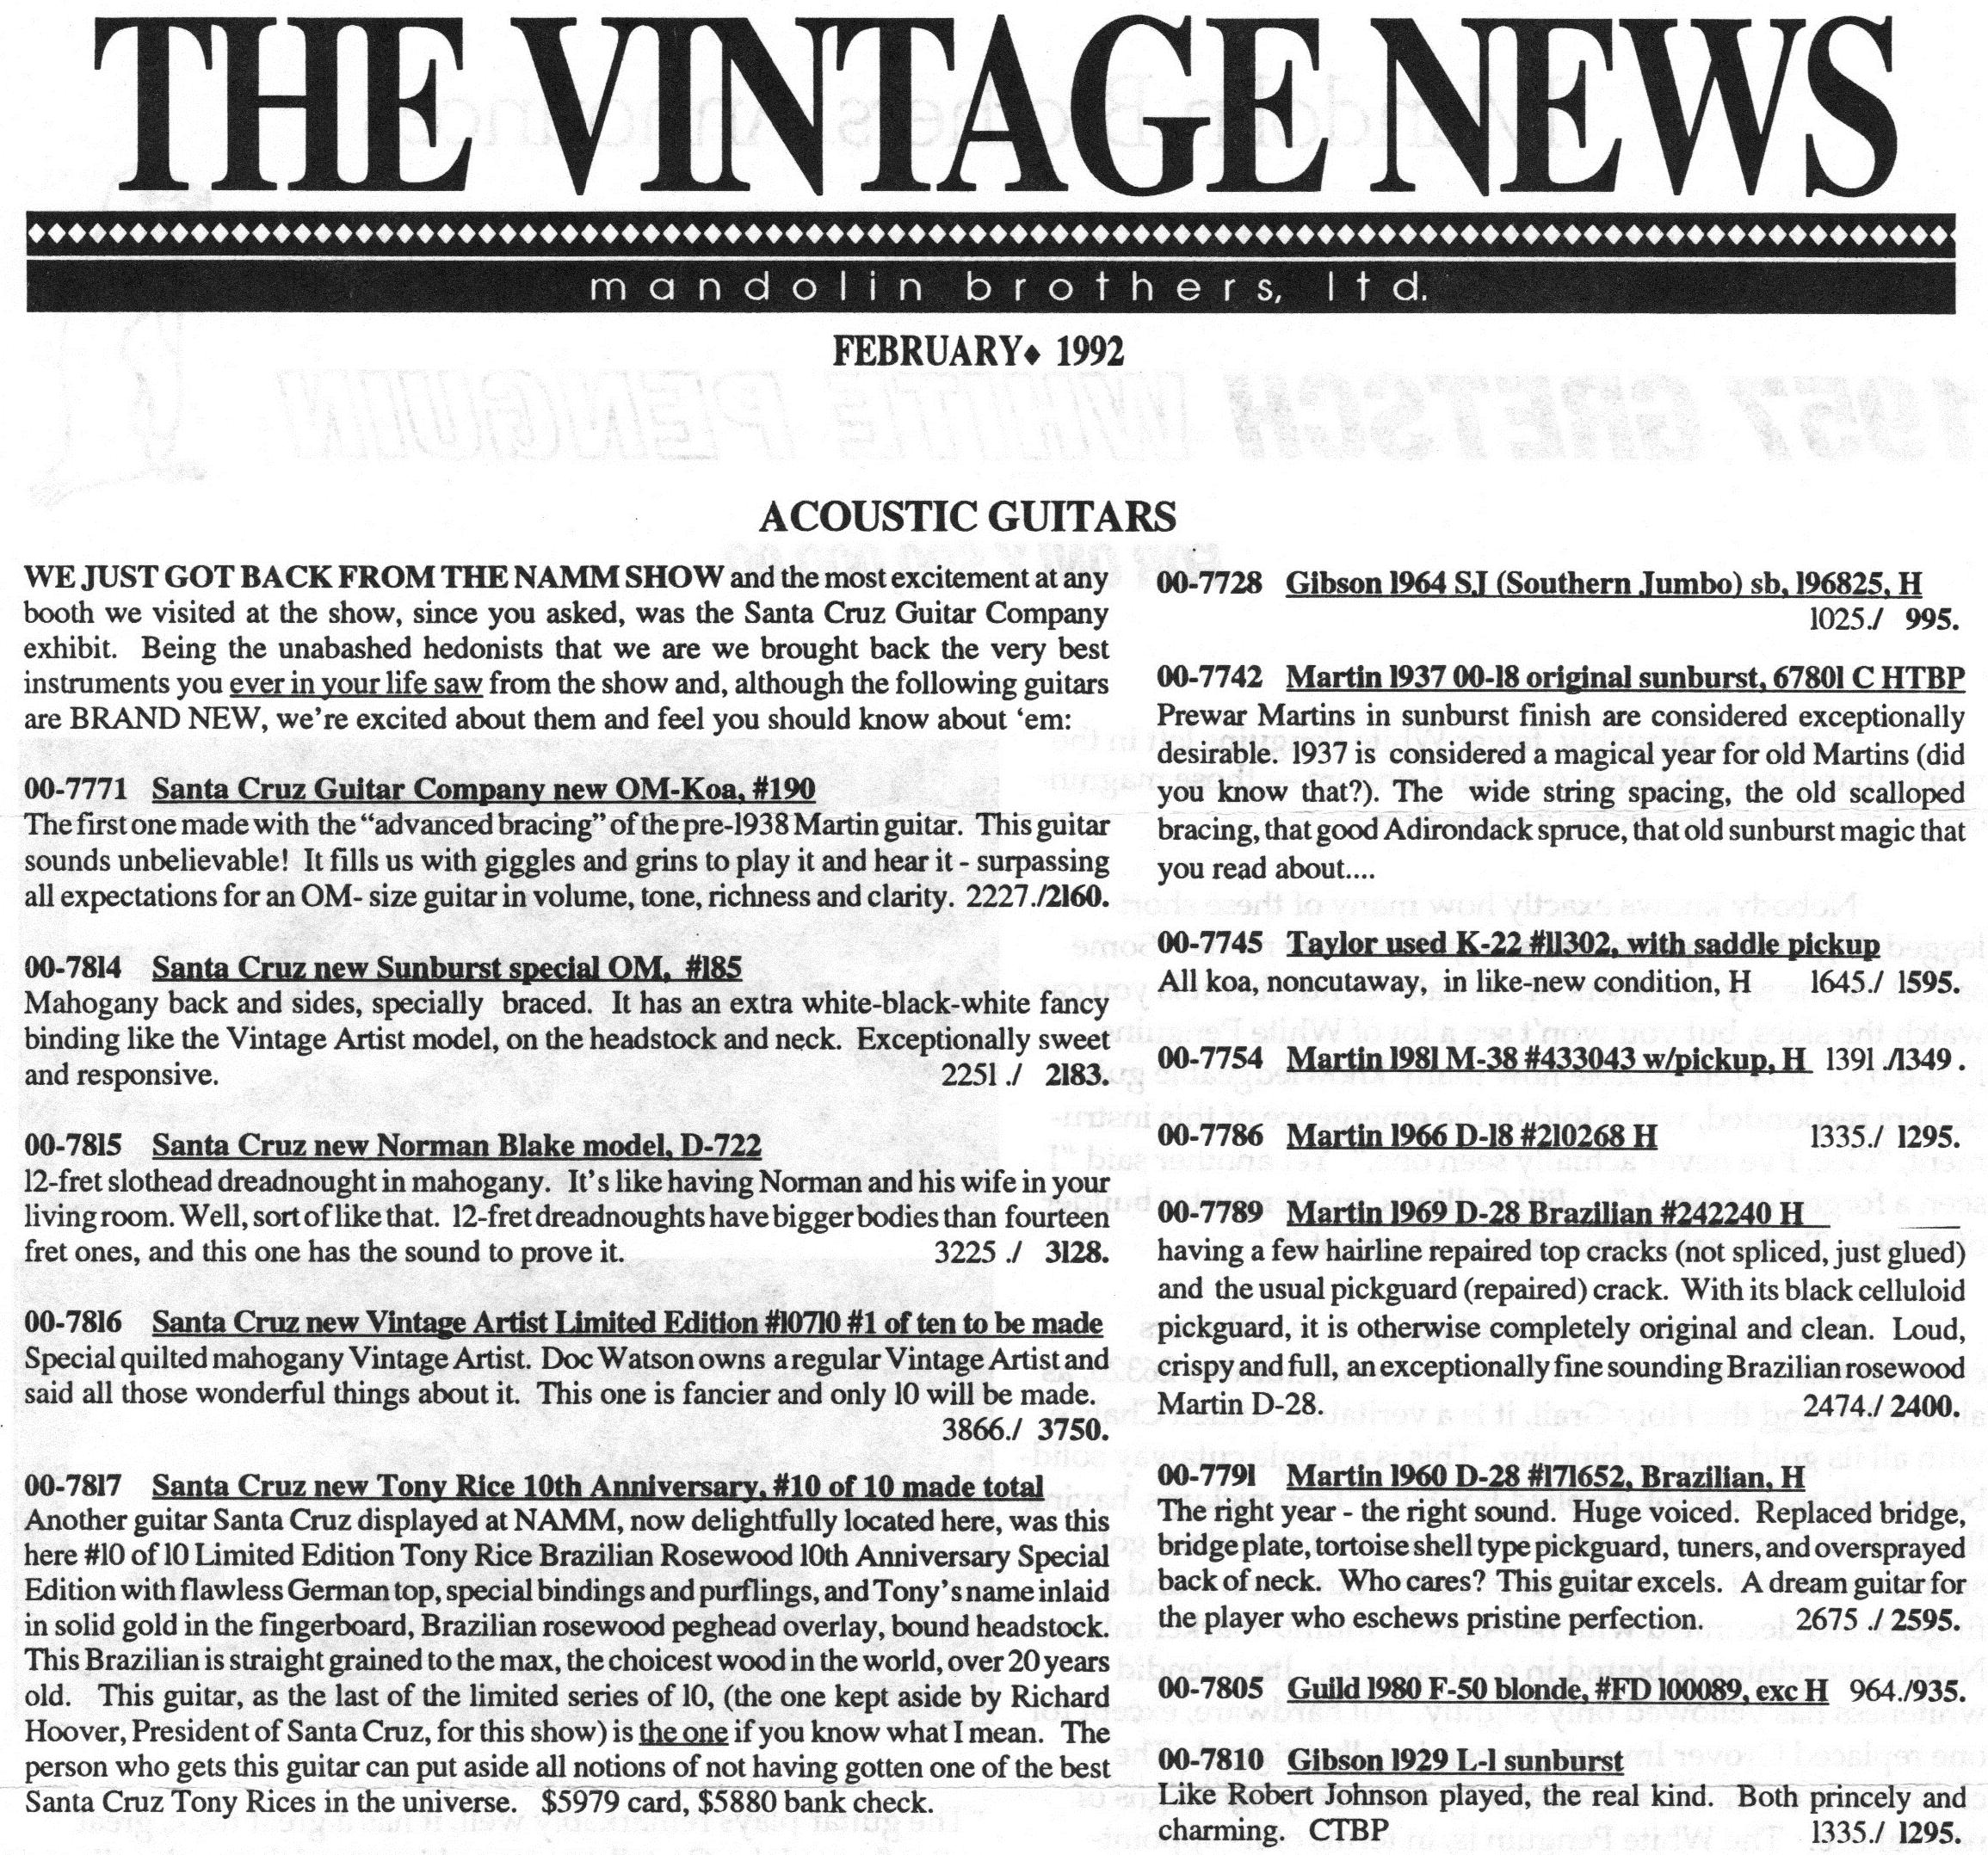 Vintage News - Feb. 1992